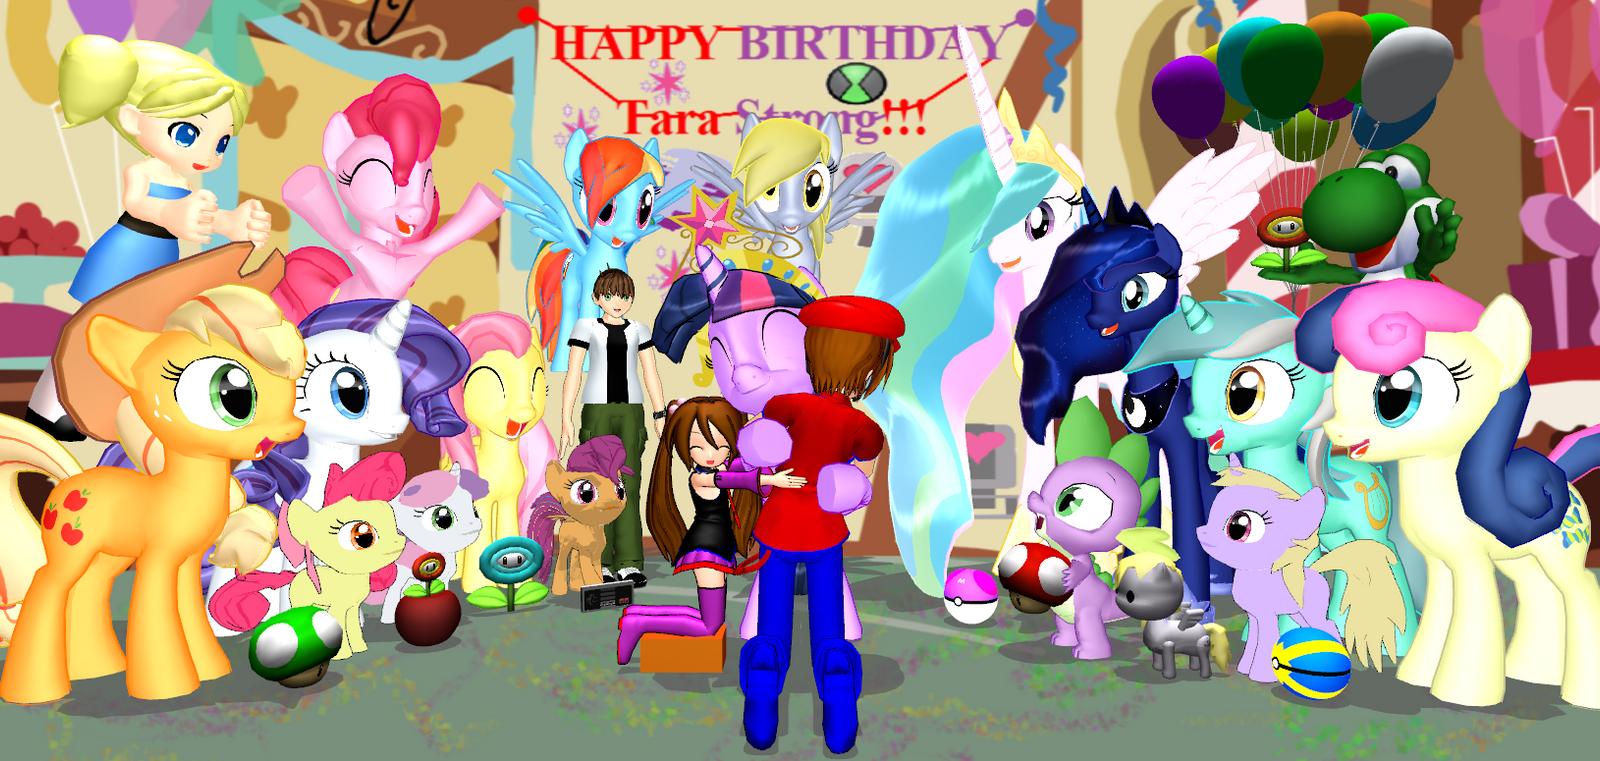 Happy Birthday, Tara Strong!!! (Feb. 12, 2014) by Mario-McFly